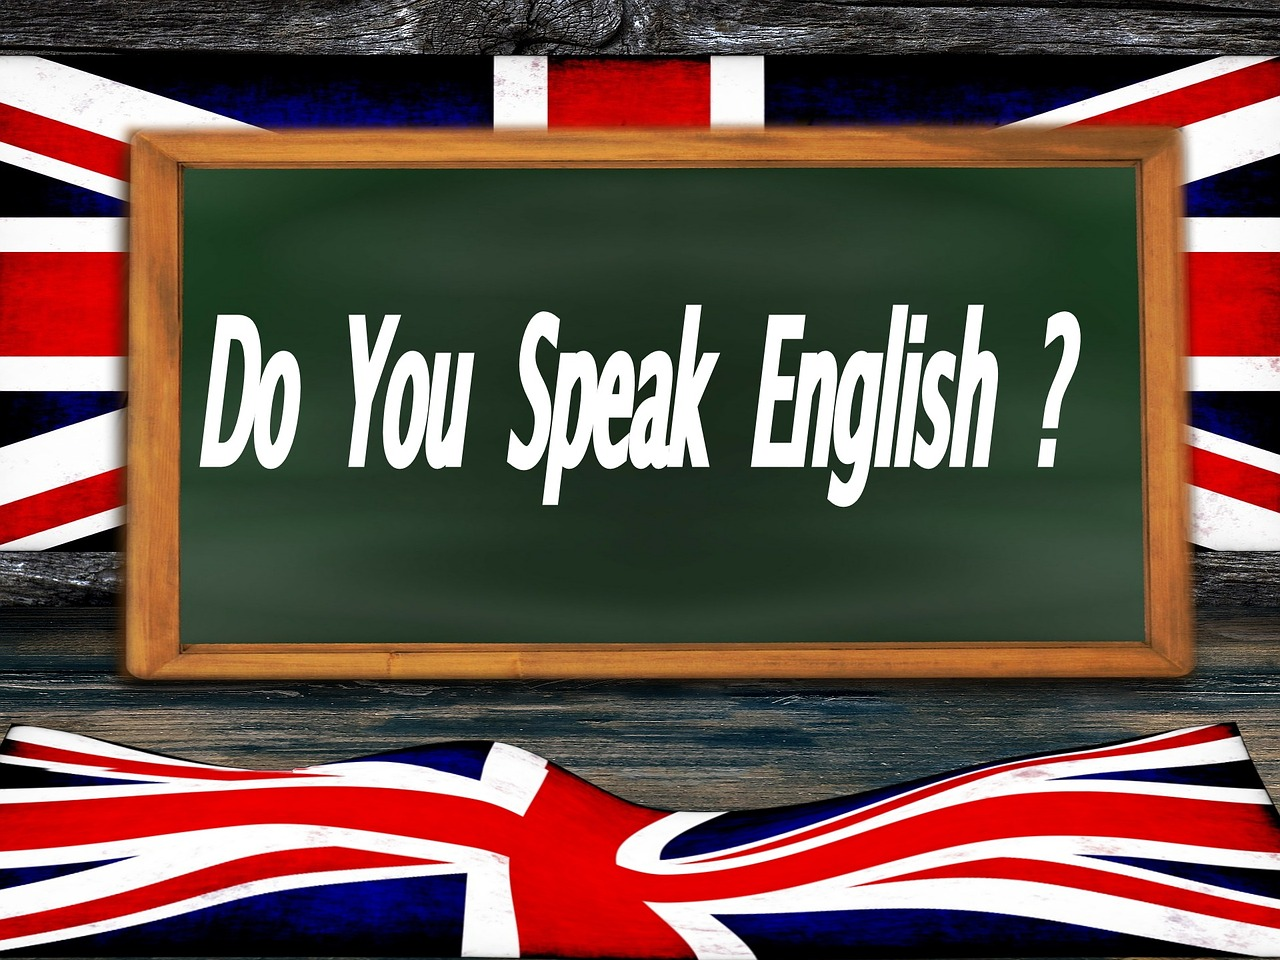 traductor de ingles a español y de español a ingles